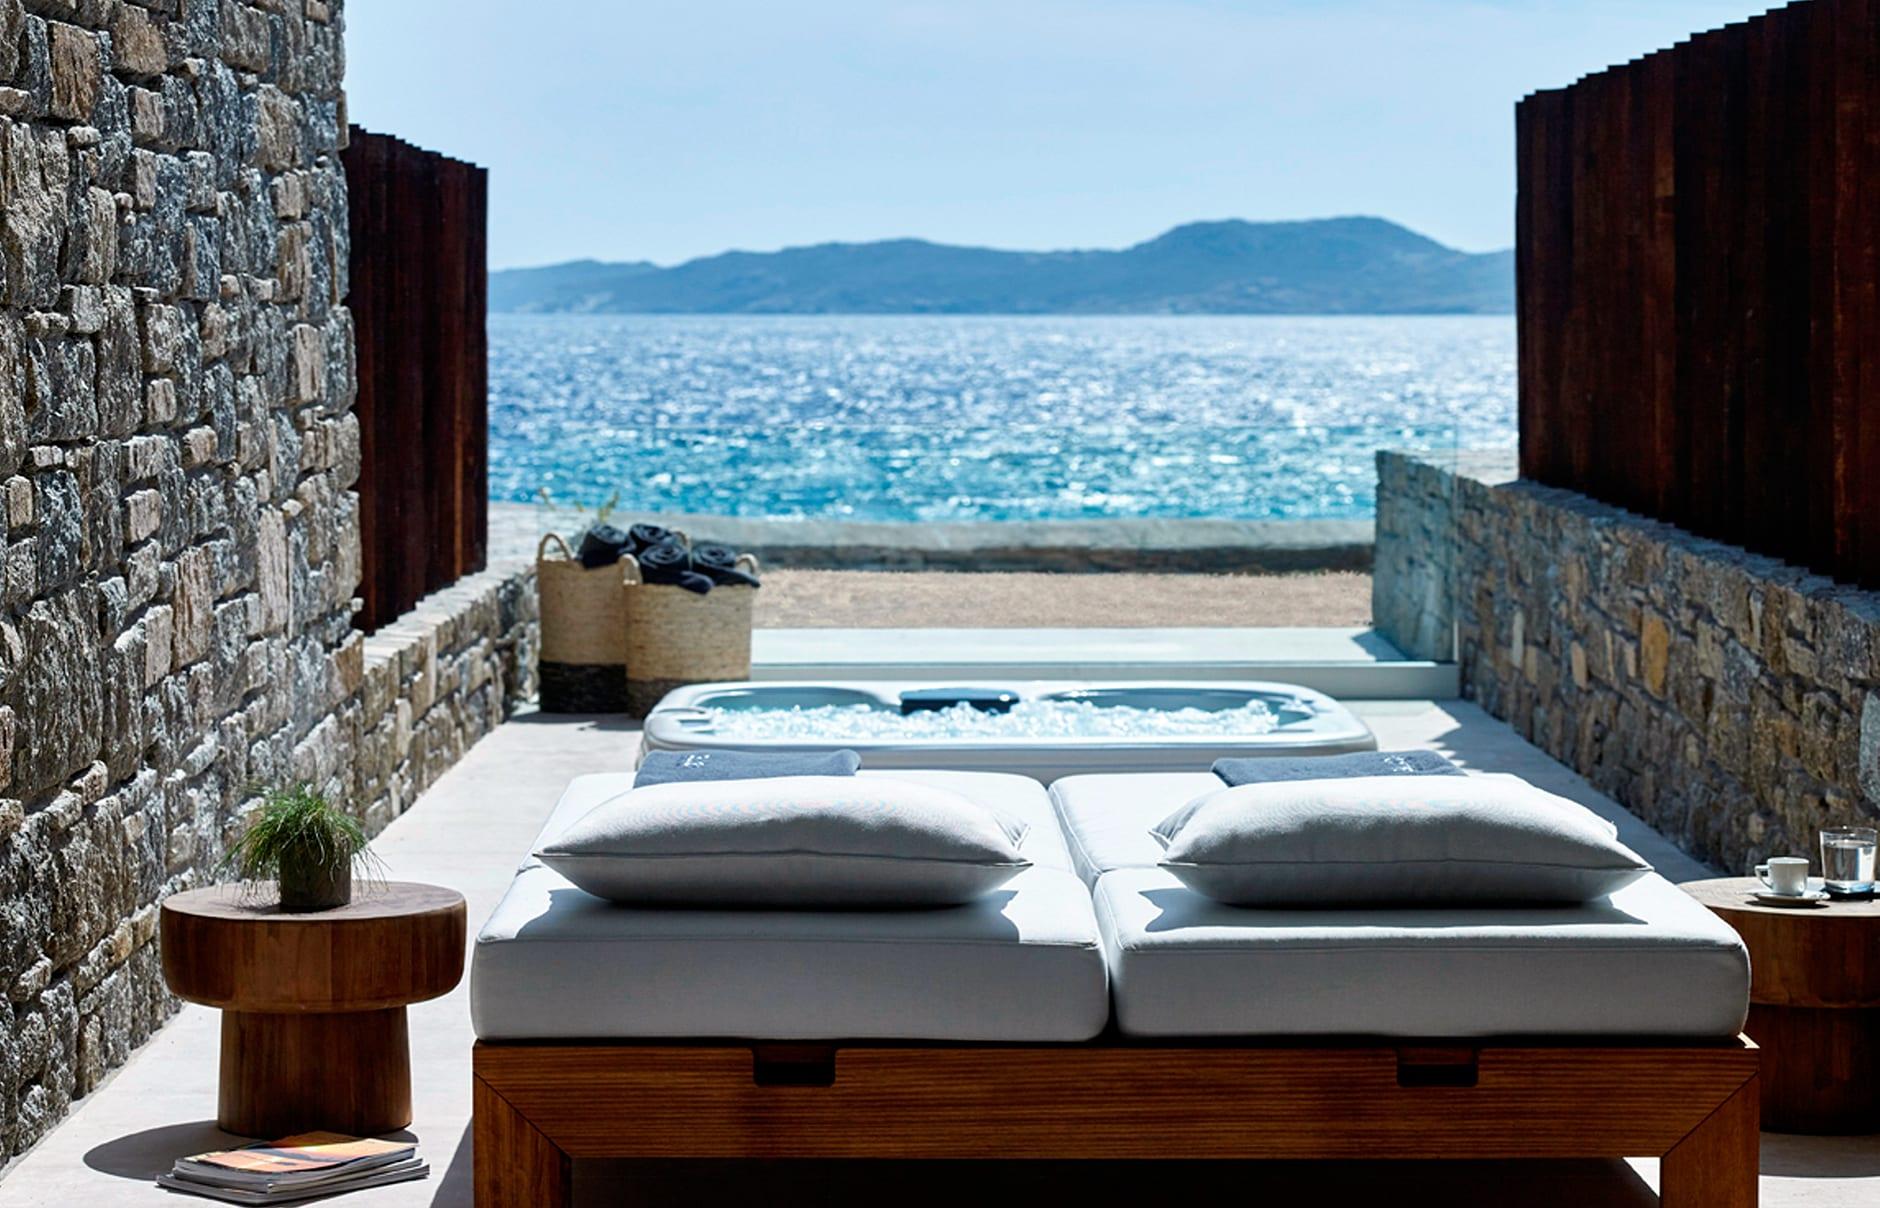 Deluxe Coast Suite. Bill & Coo Mykonos. © Bill & Coo Mykonos